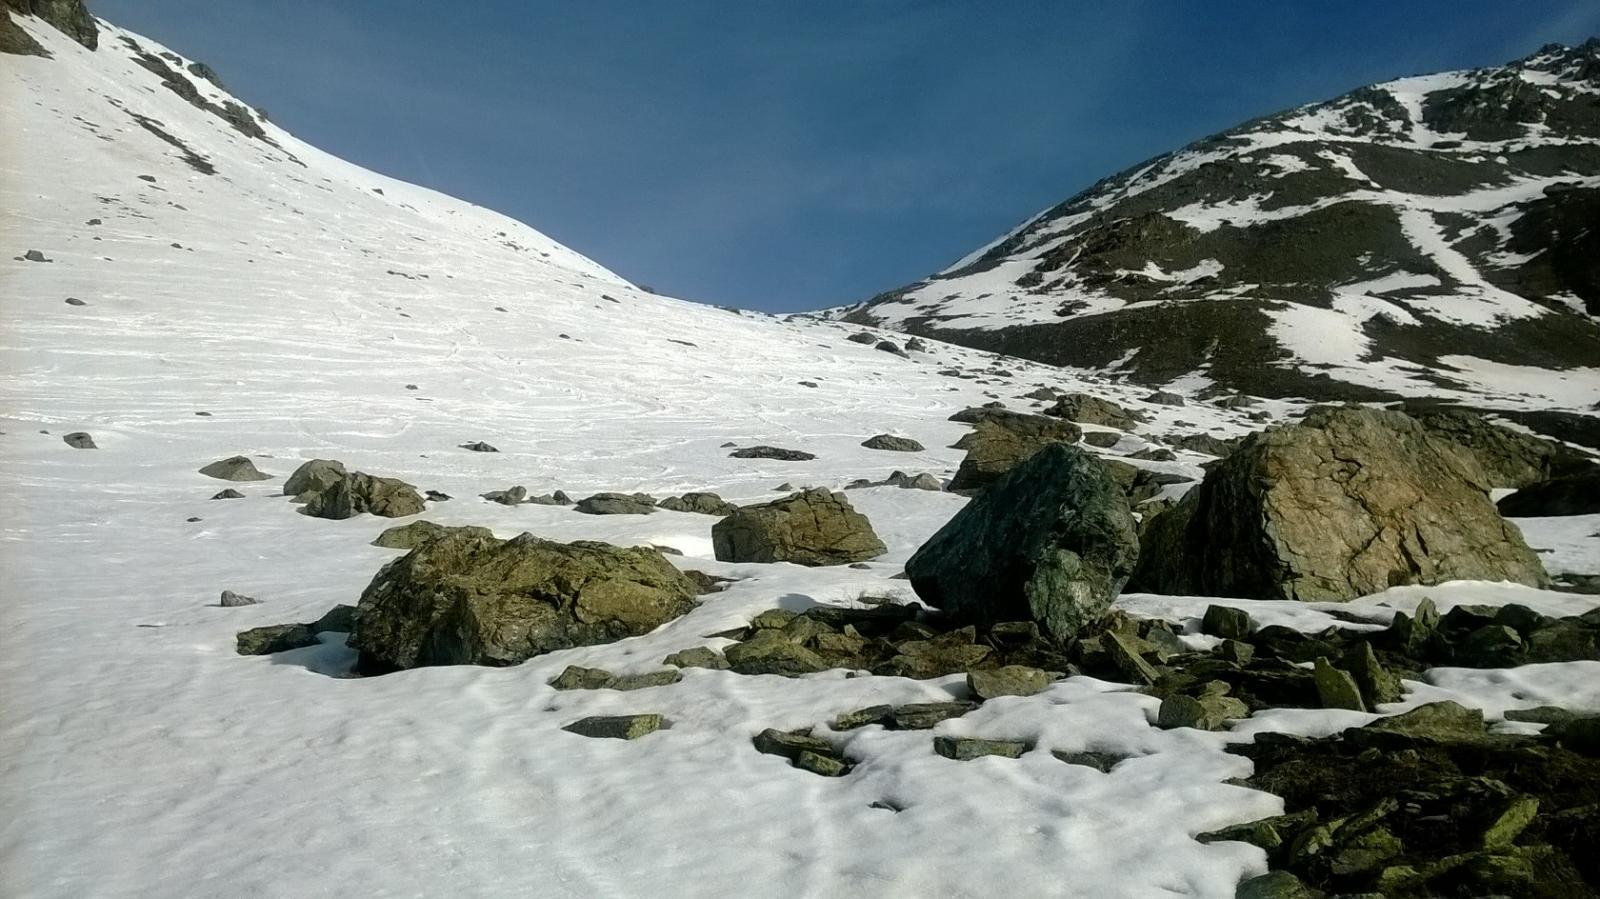 Situazione neve dal ponticello all'imbocco del vallone